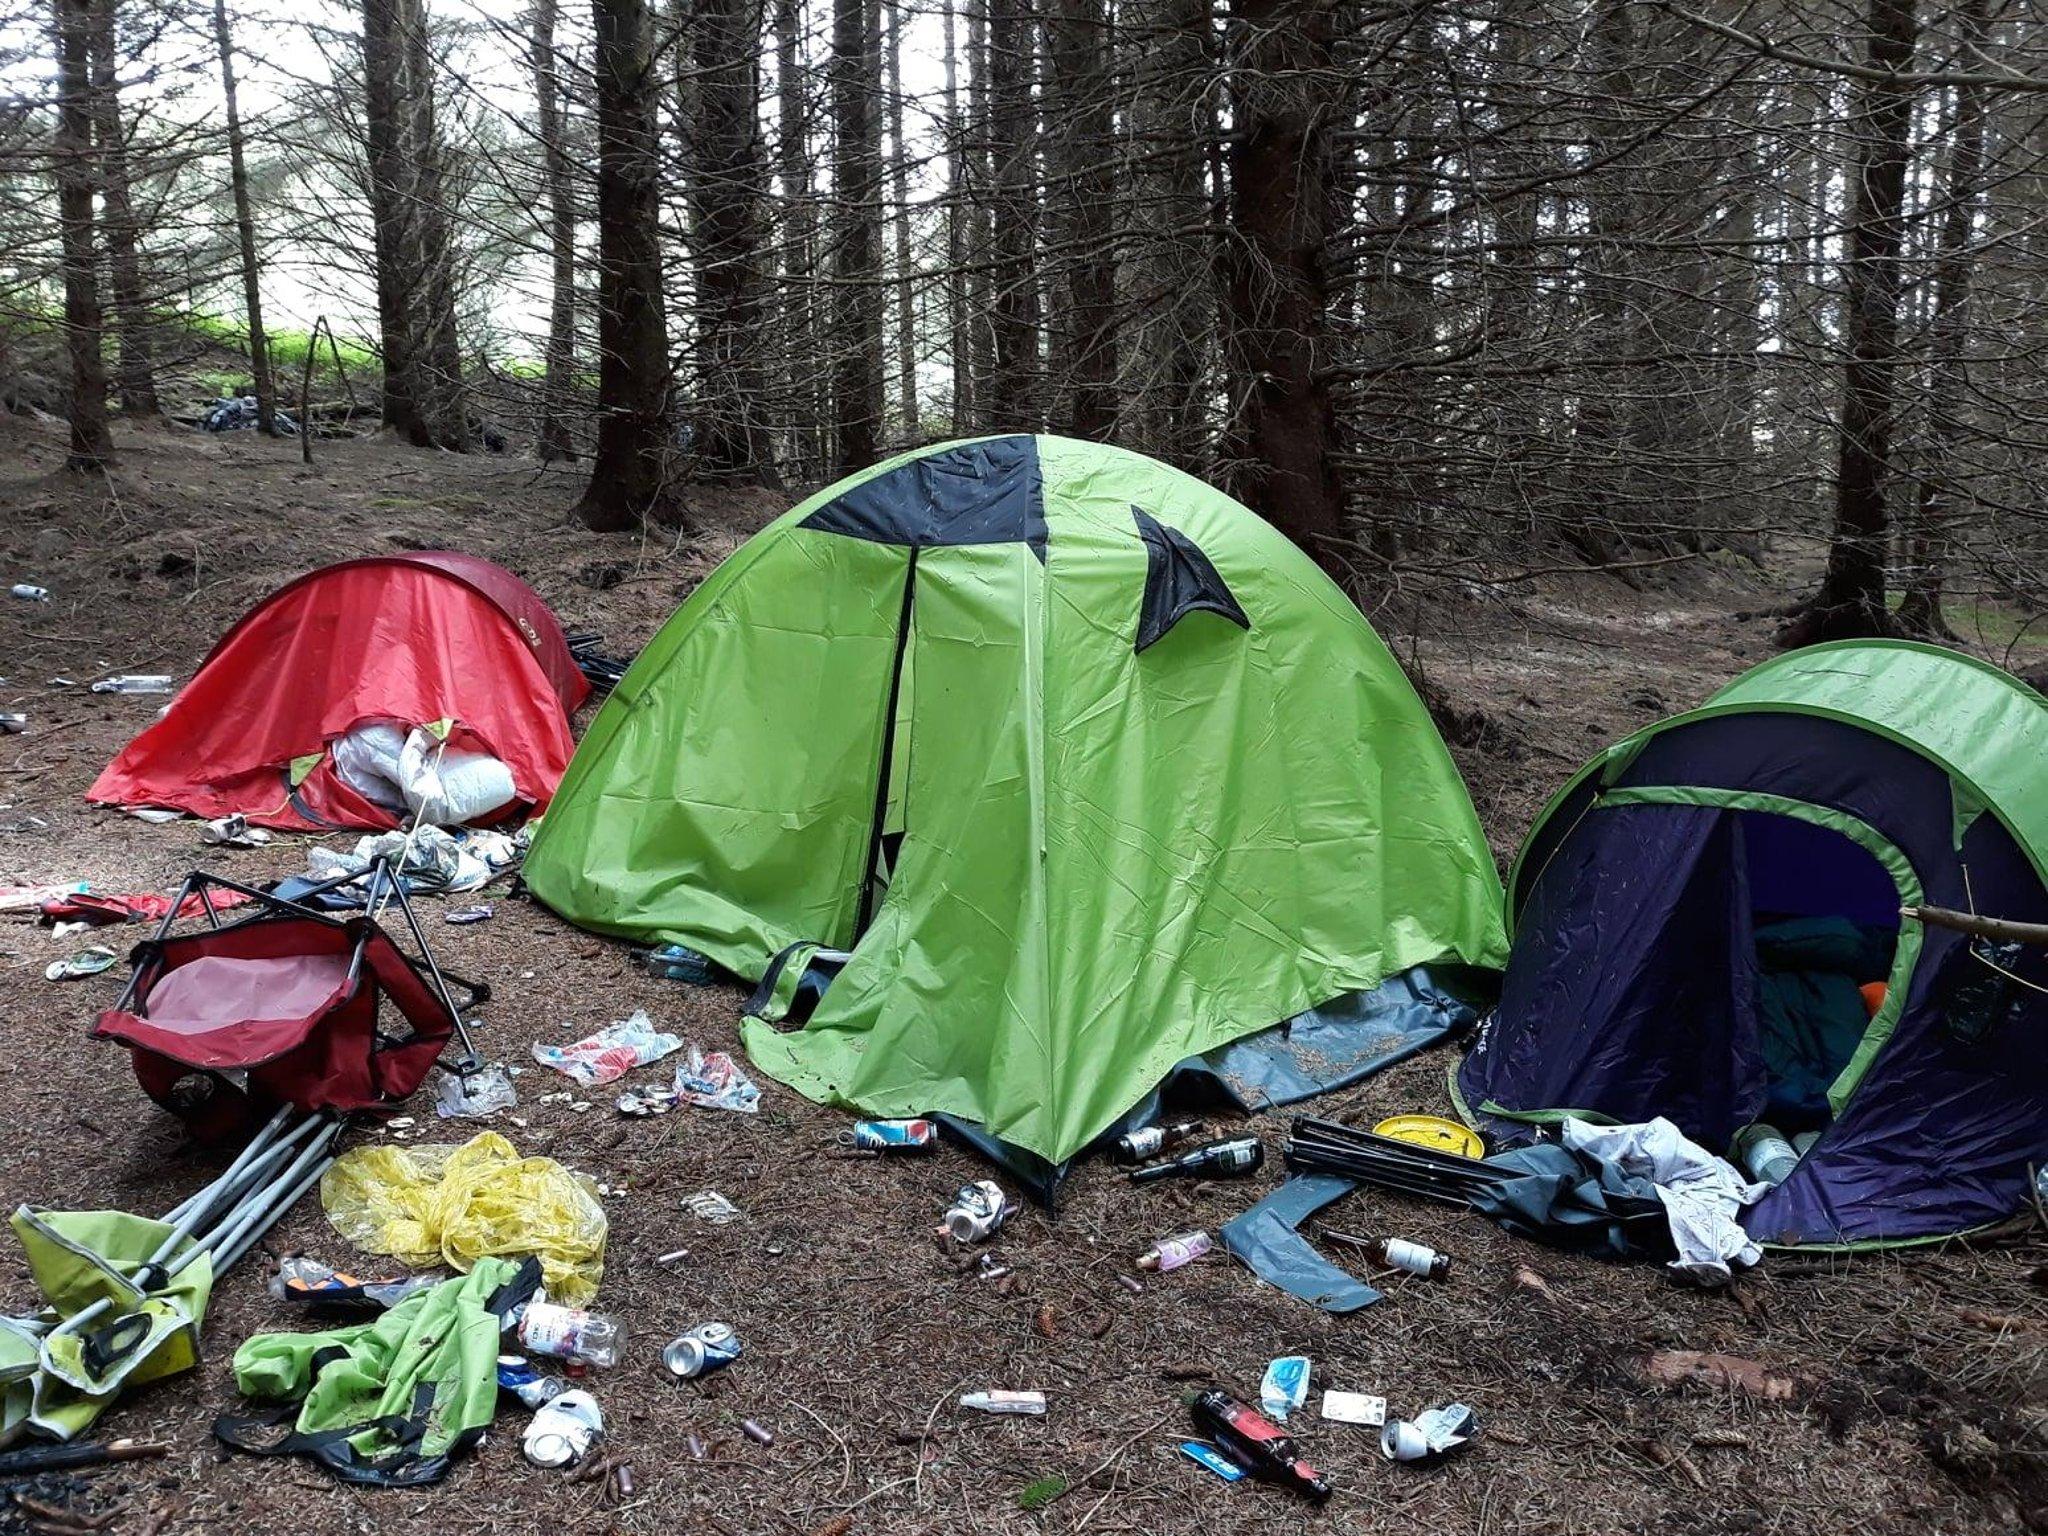 www.northumberlandgazette.co.uk